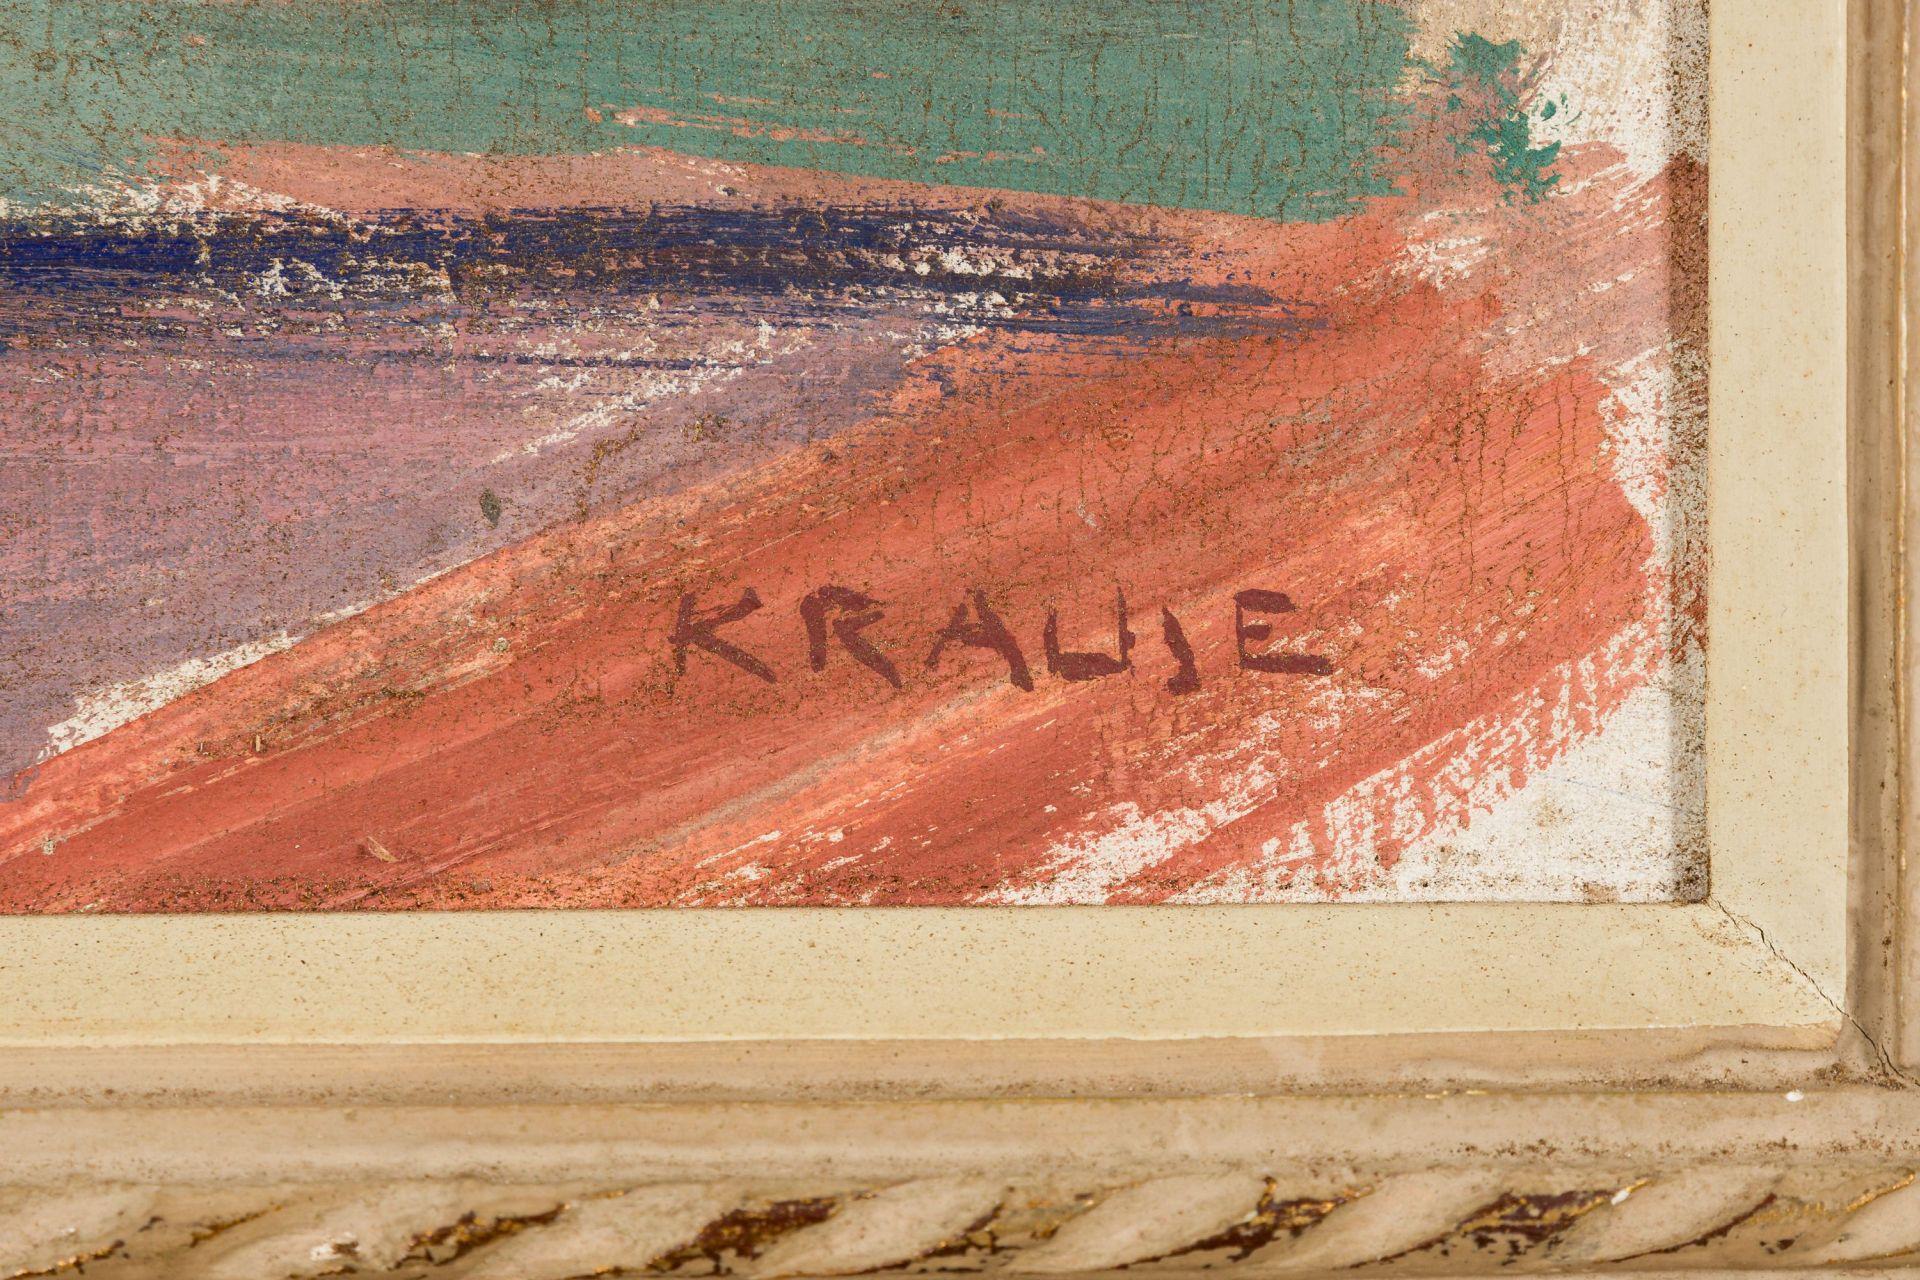 Krause Heinrich-Seamstress